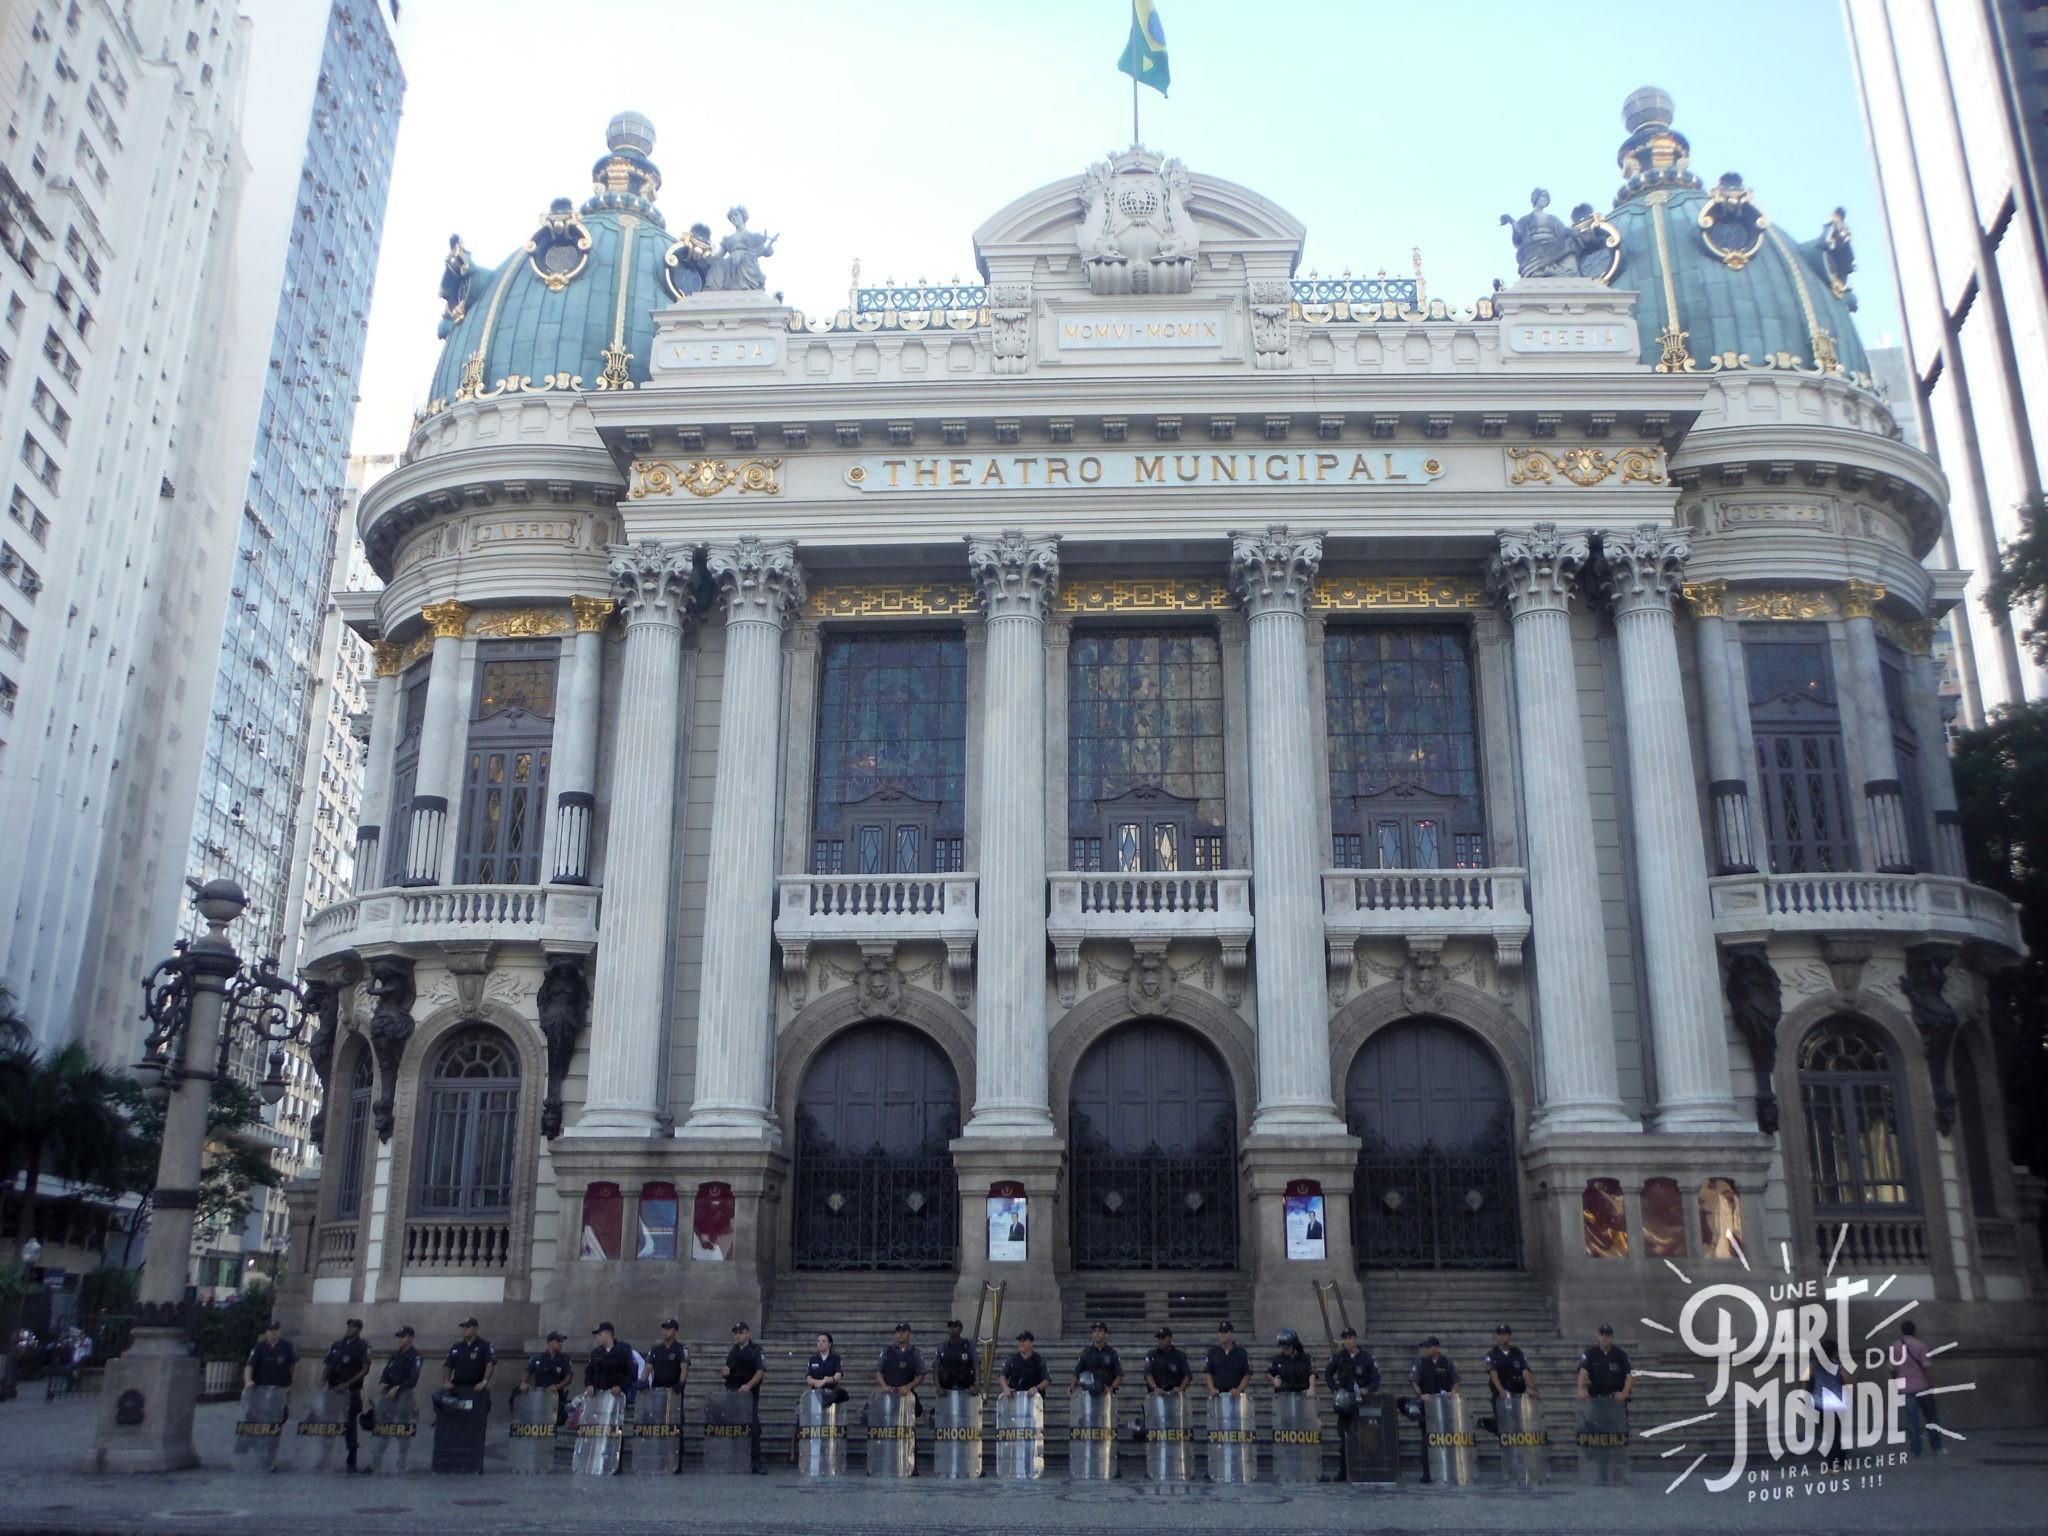 visiter rio de janeiro en 4 jours centre teatro municipal